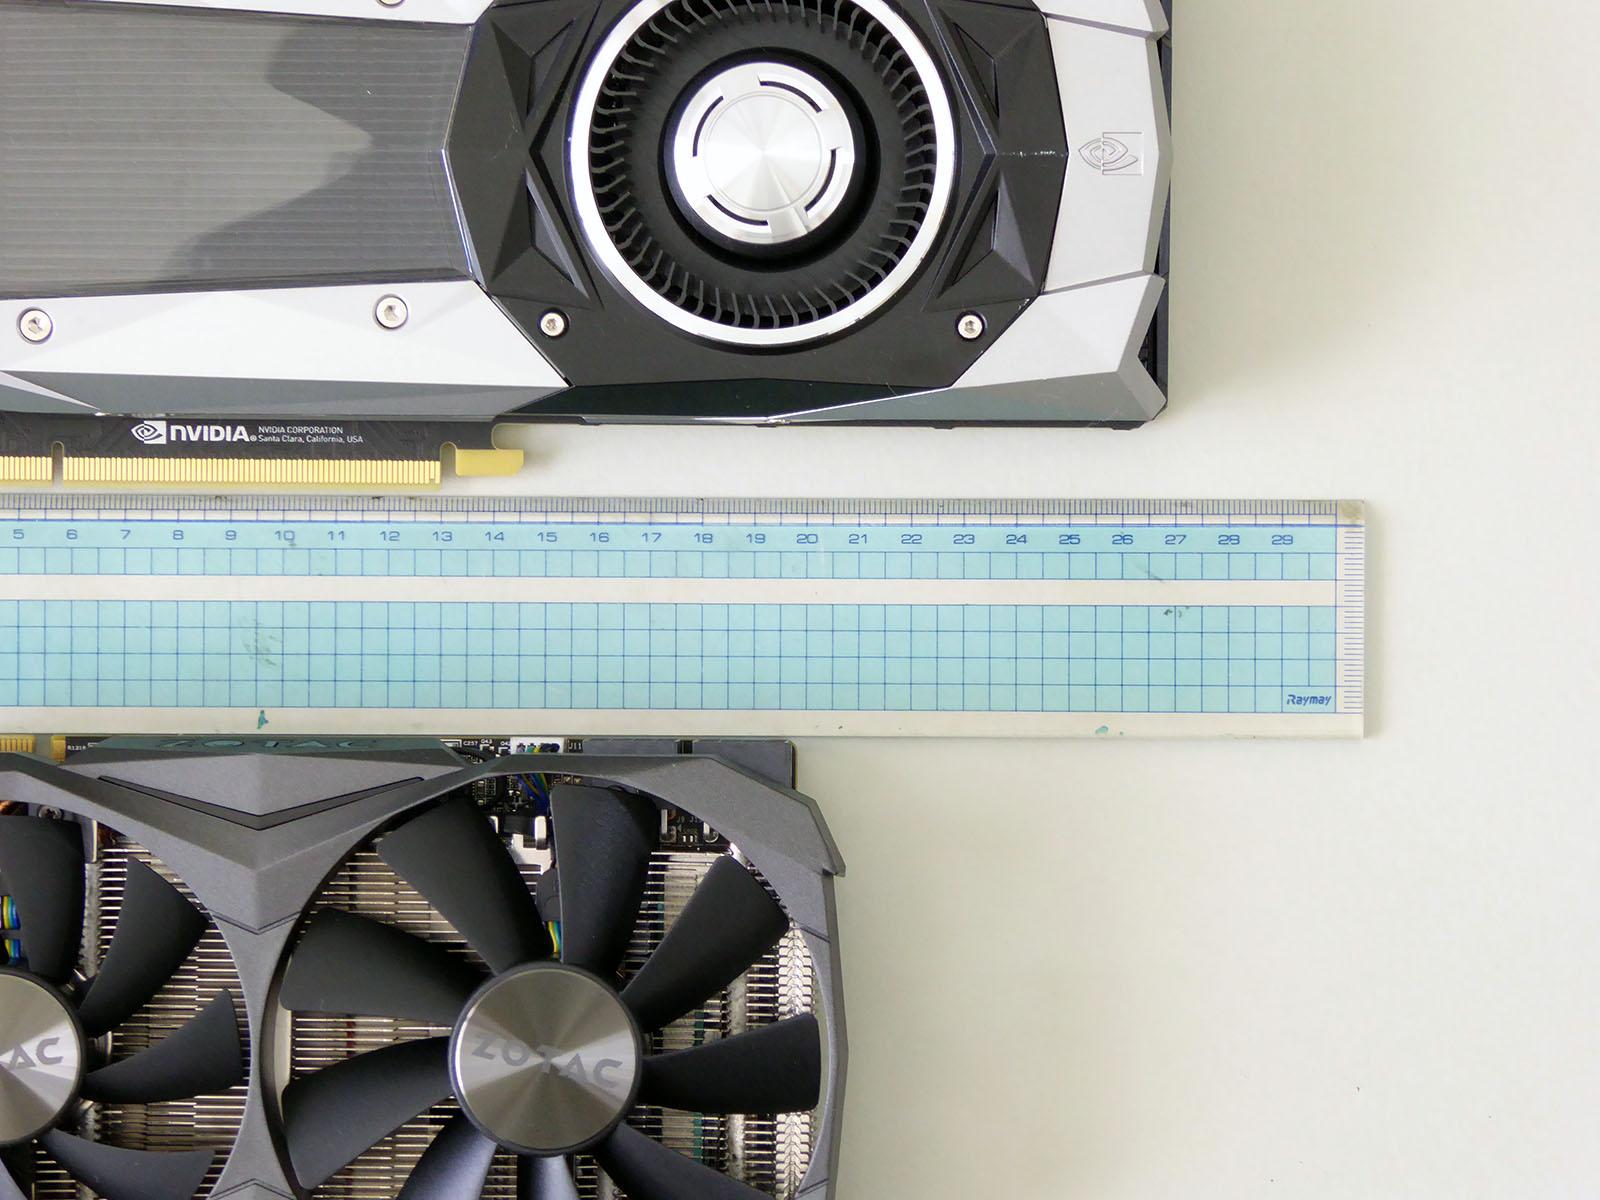 リファレンスデザインカードに対して56mm詰めたカード長は数値以上のインパクトがある